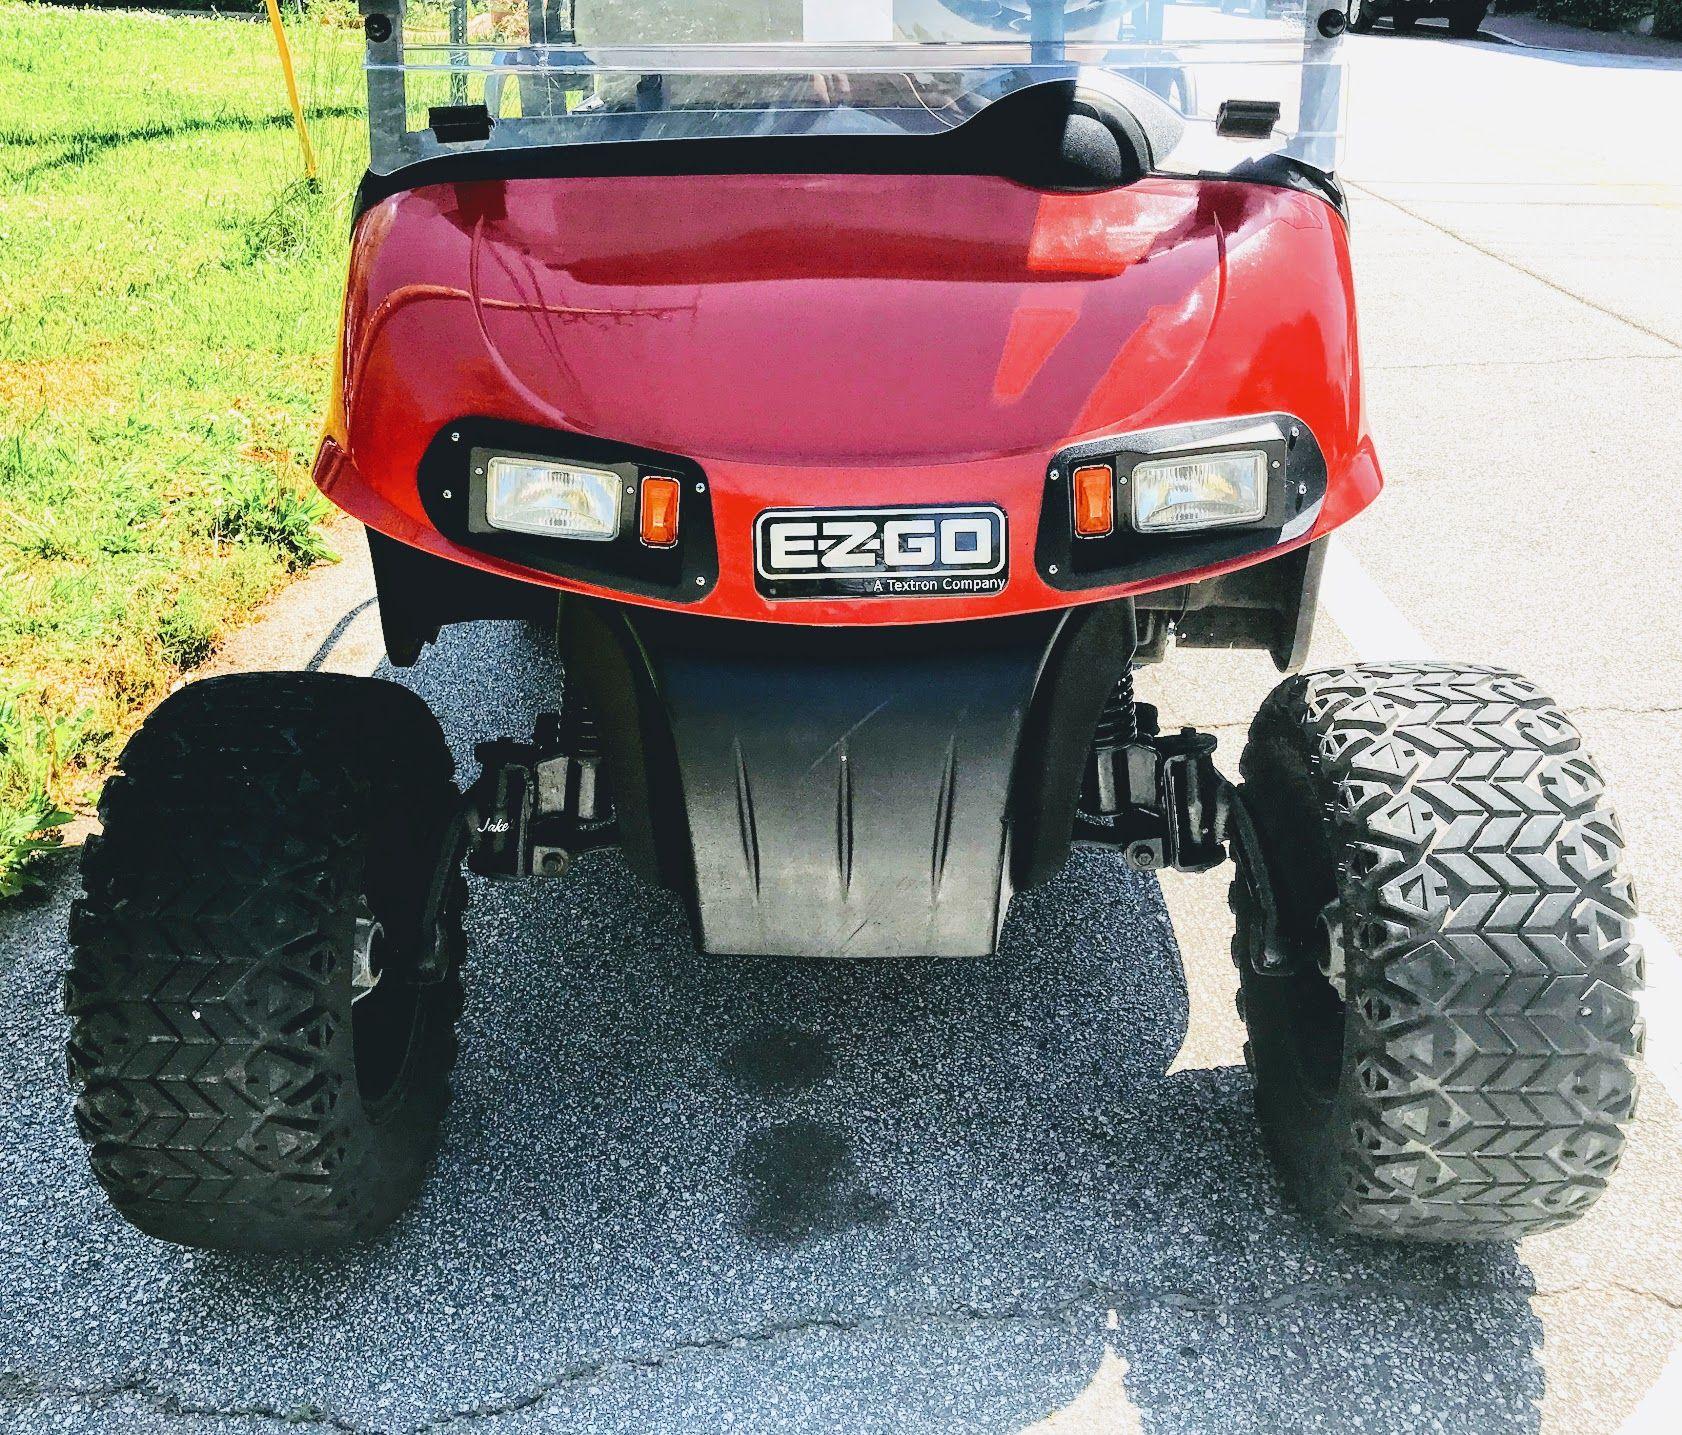 Golf Cart Ideas For A Lifted Cart Golf Cart Lift Kits Ezgo Golf Cart Accessories Golf Carts